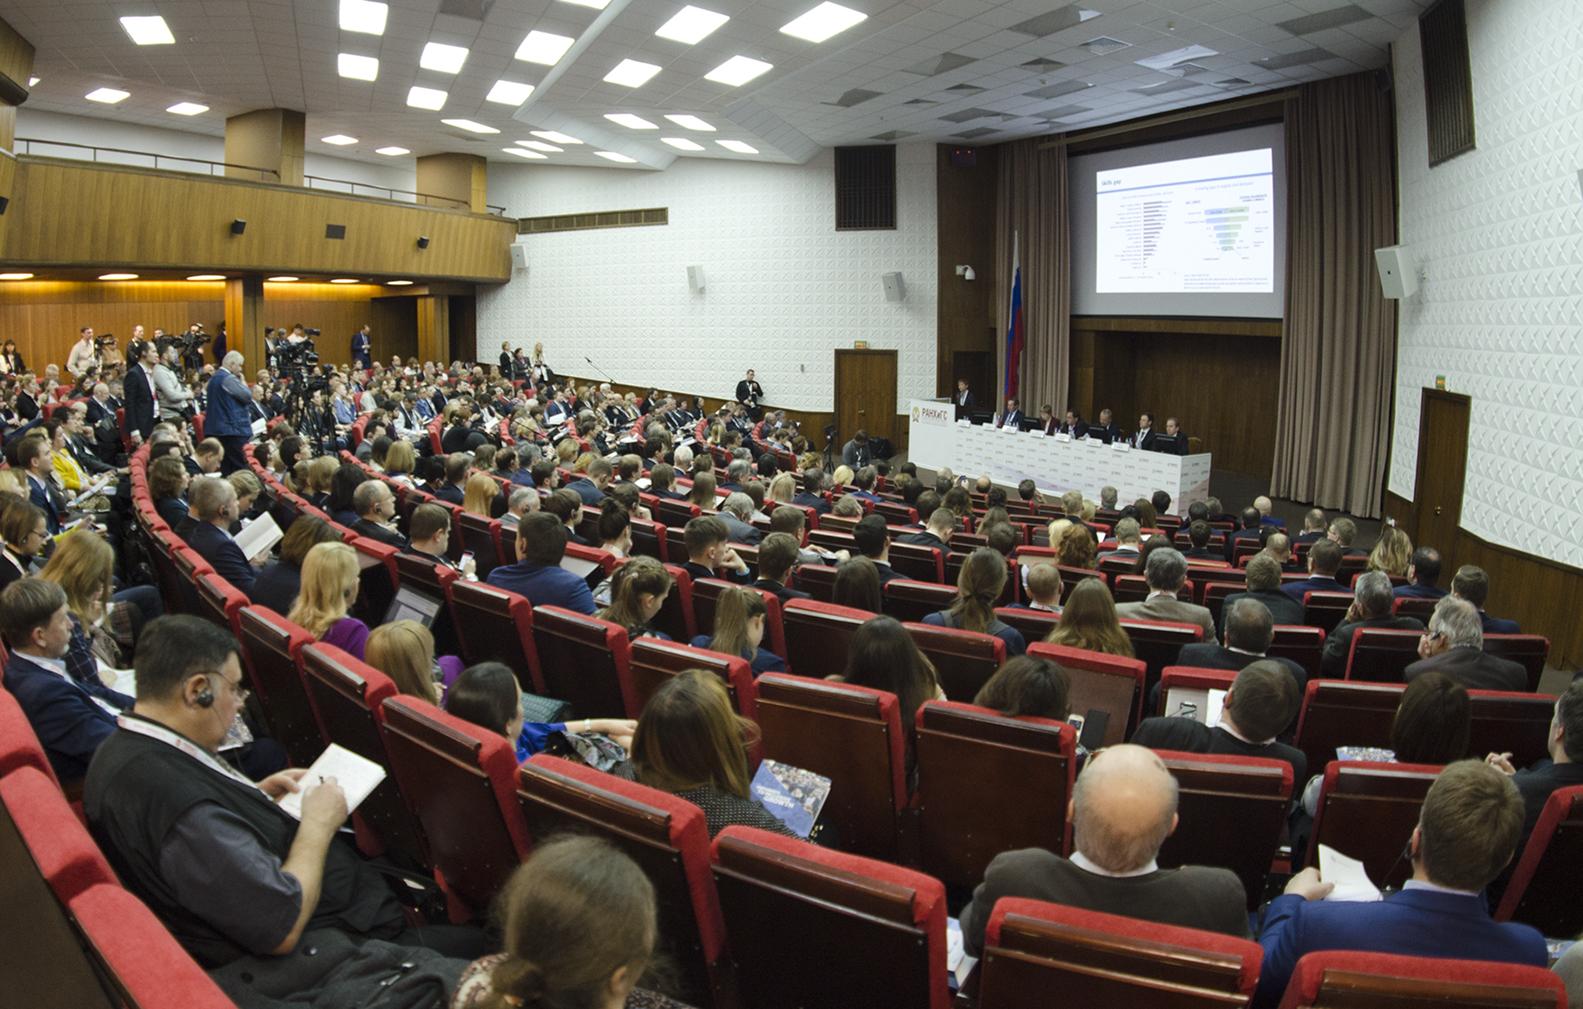 На Гайдаровском форуме в РАНХиГС обсудят образование будущего, научные коммуникации и big data